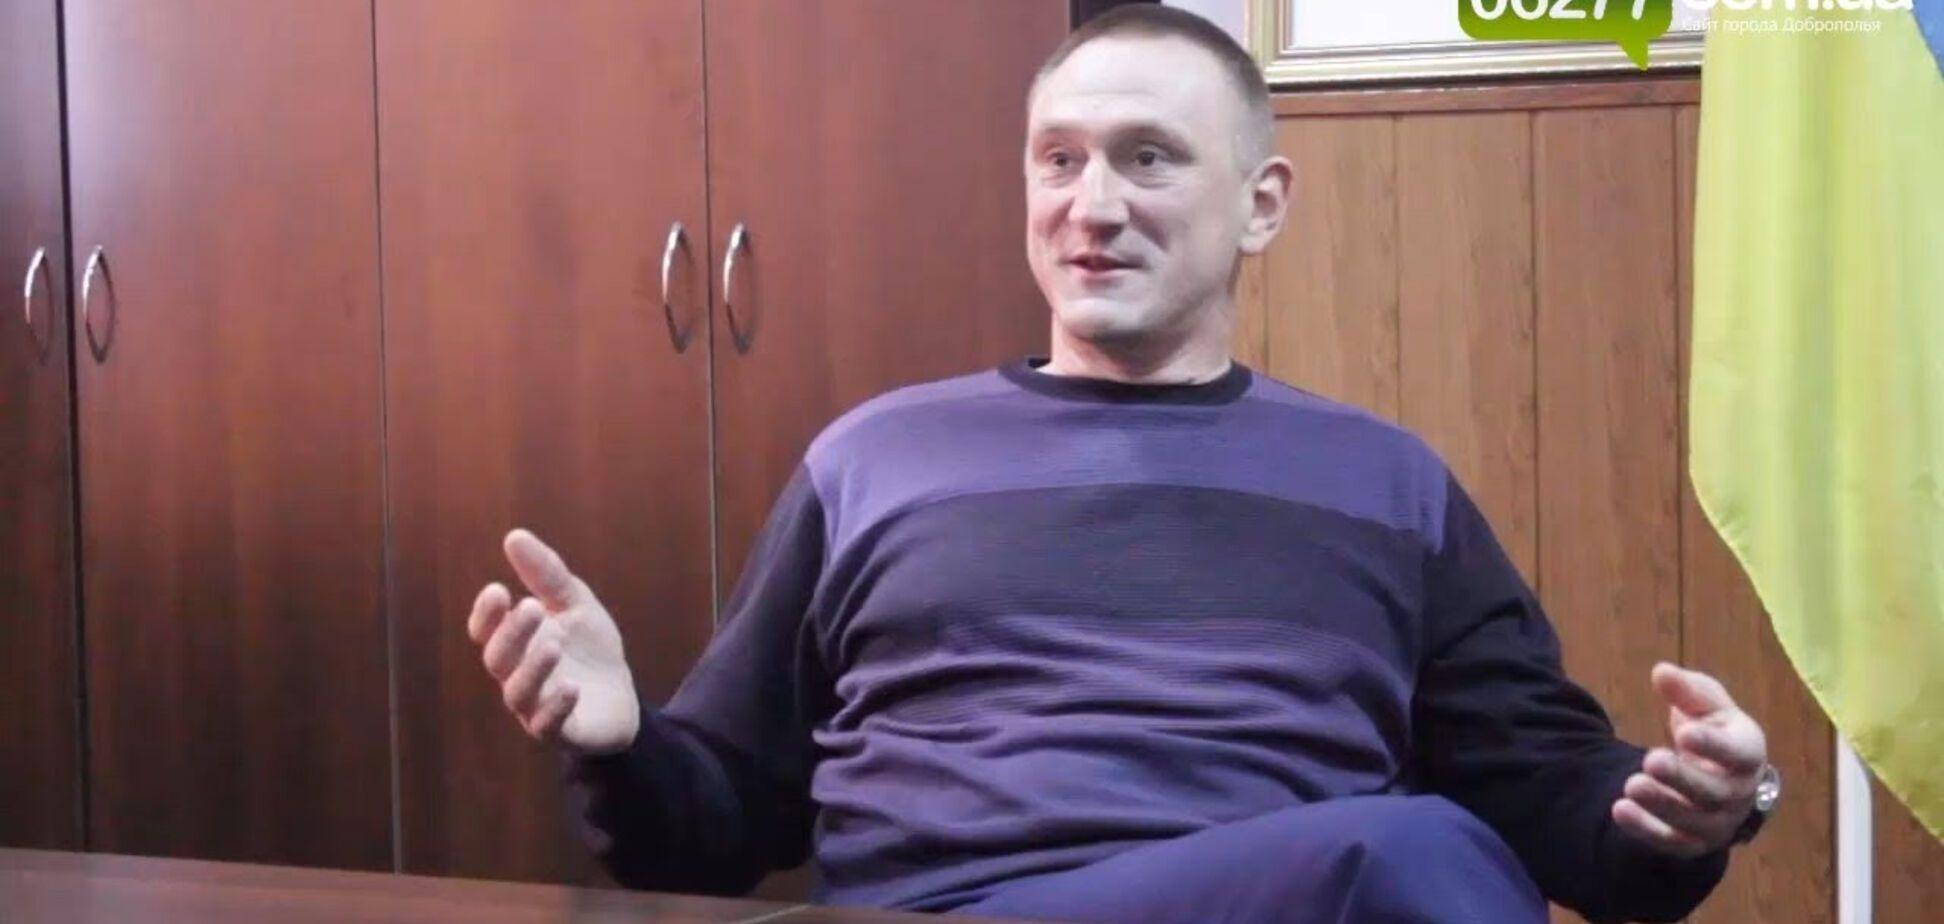 На Донбасі мер підробив лікарняний, щоб з'їздити в окупований Крим